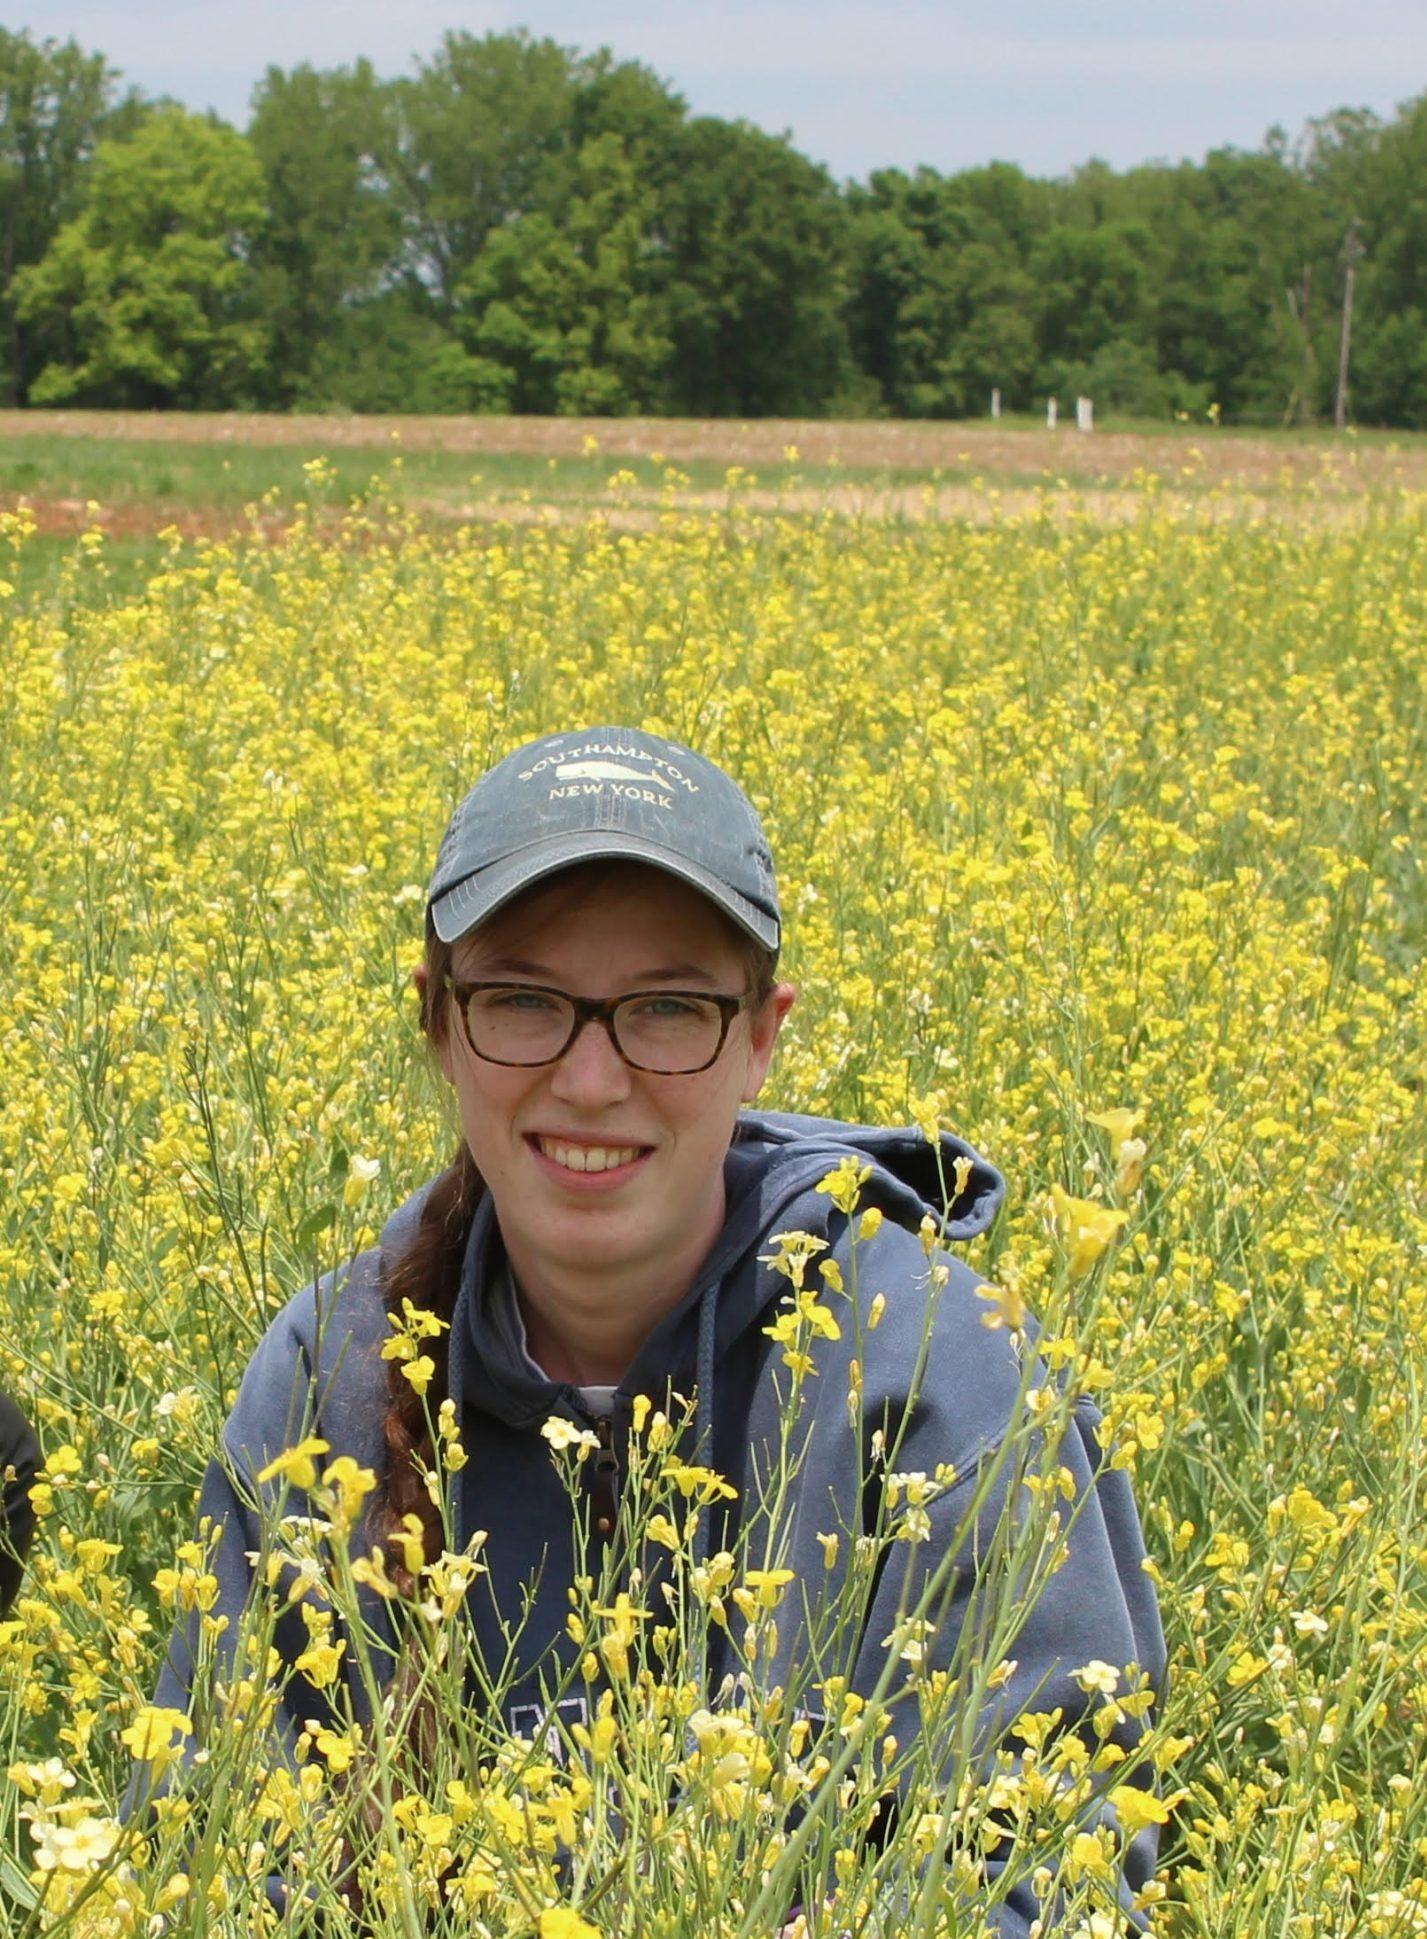 Woman in a blue hat kneels in a field of yellow flowers